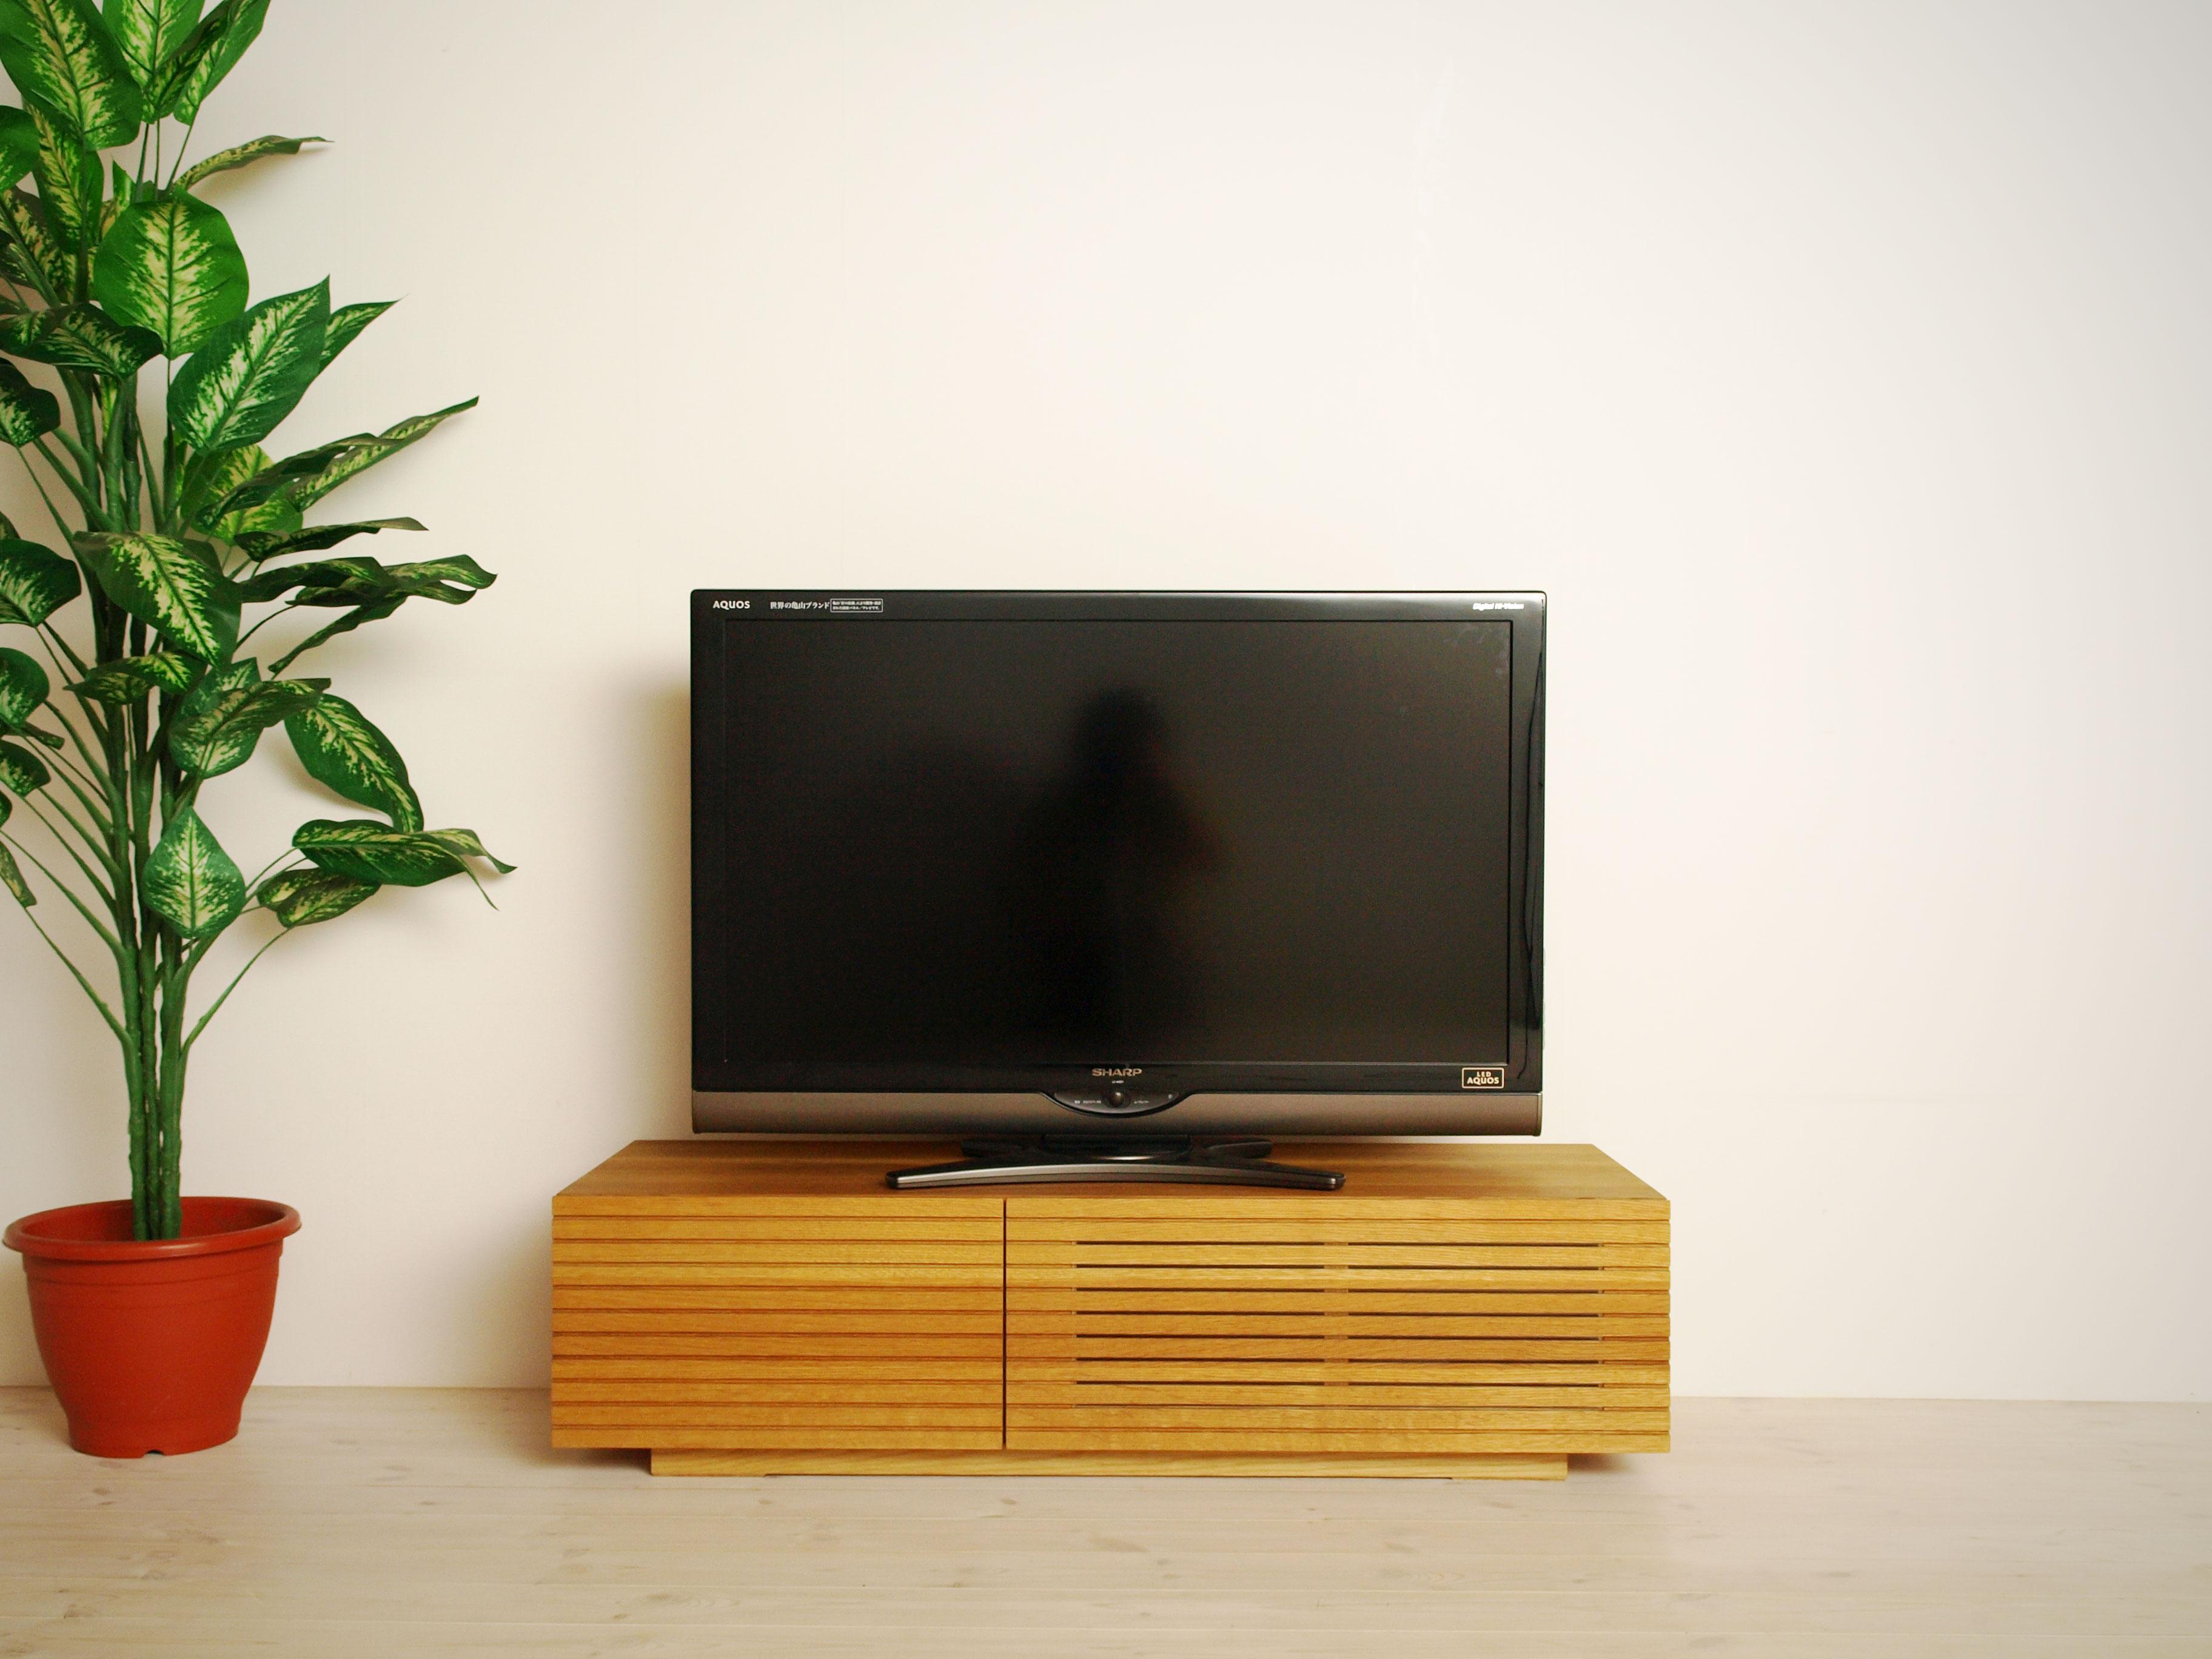 EL104_ 風雅  無垢材テレビボード  テレビ台  W1200 【開梱設置付き】ホワイトオーク  スリット[SK104]